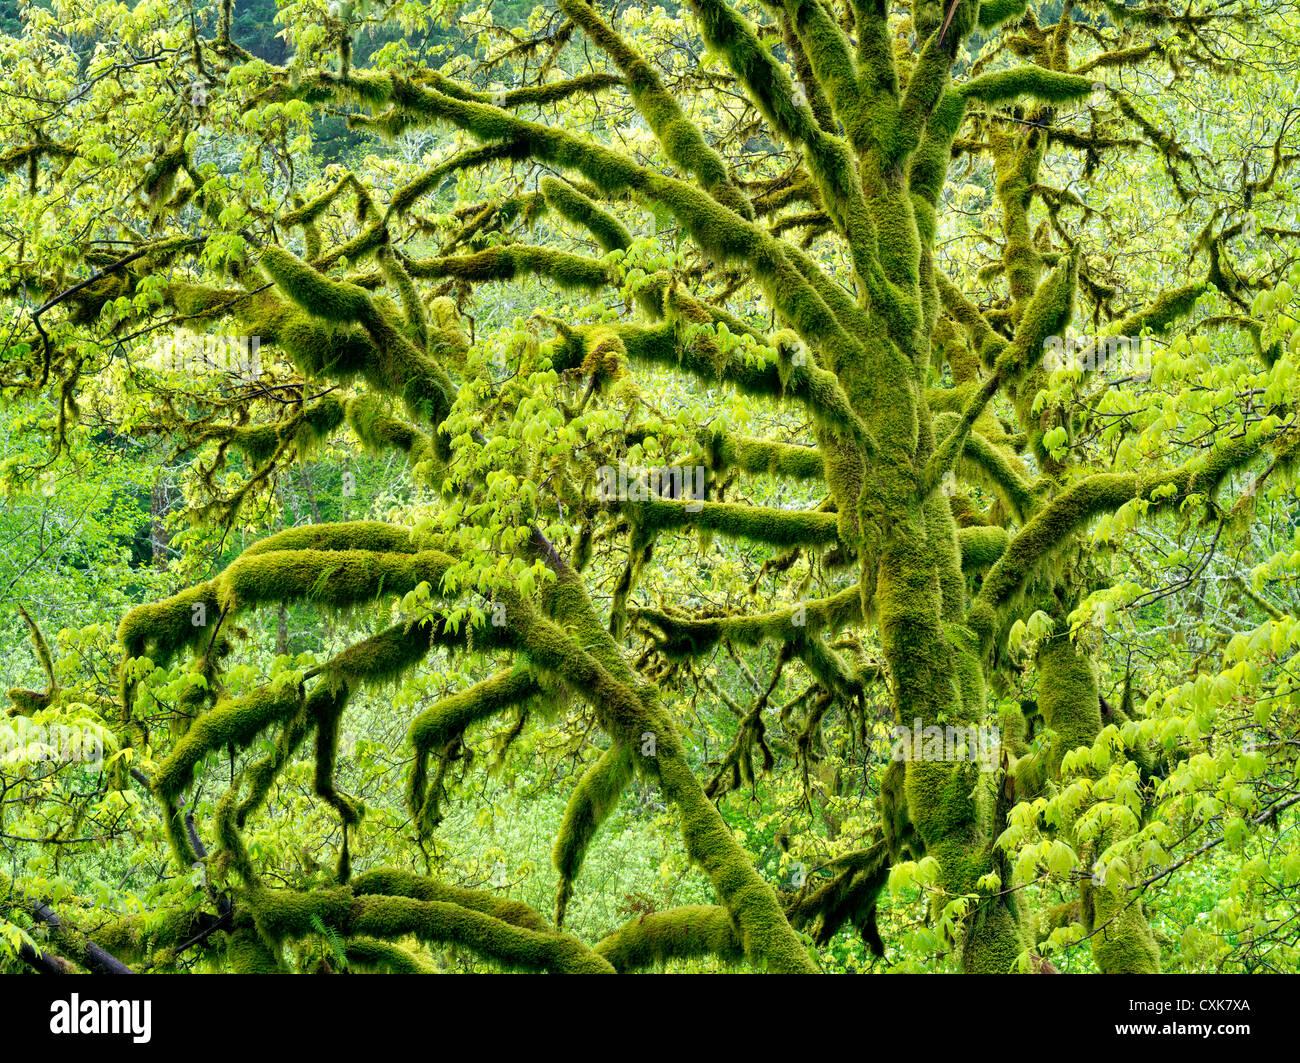 Árbol de arce de hoja grande con moss y nuevo crecimiento. Cordillera de la costa de Oregon. Imagen De Stock